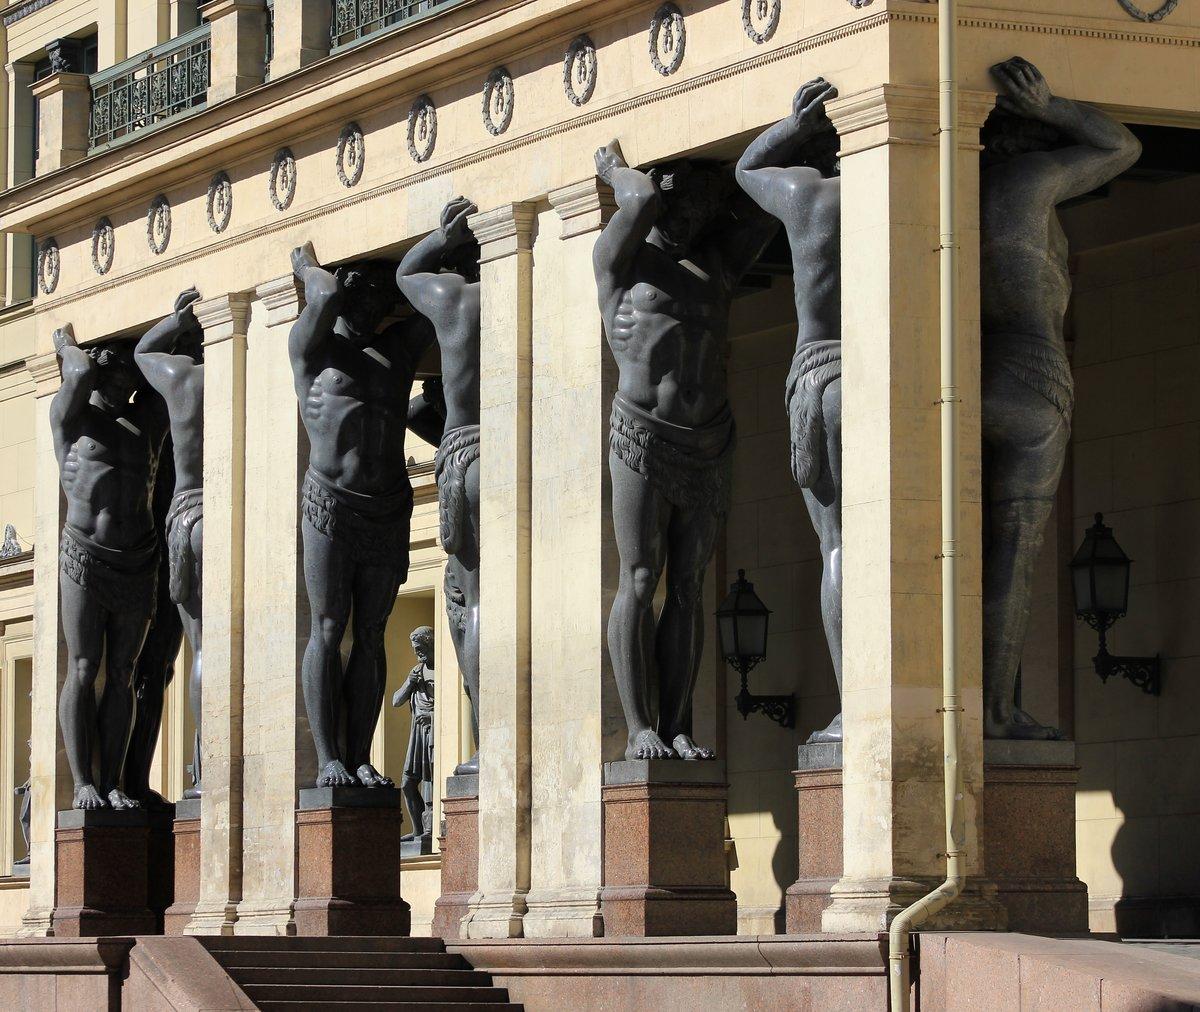 фото памятников атлантов в спб оформляється безкоштовно, скріплюється